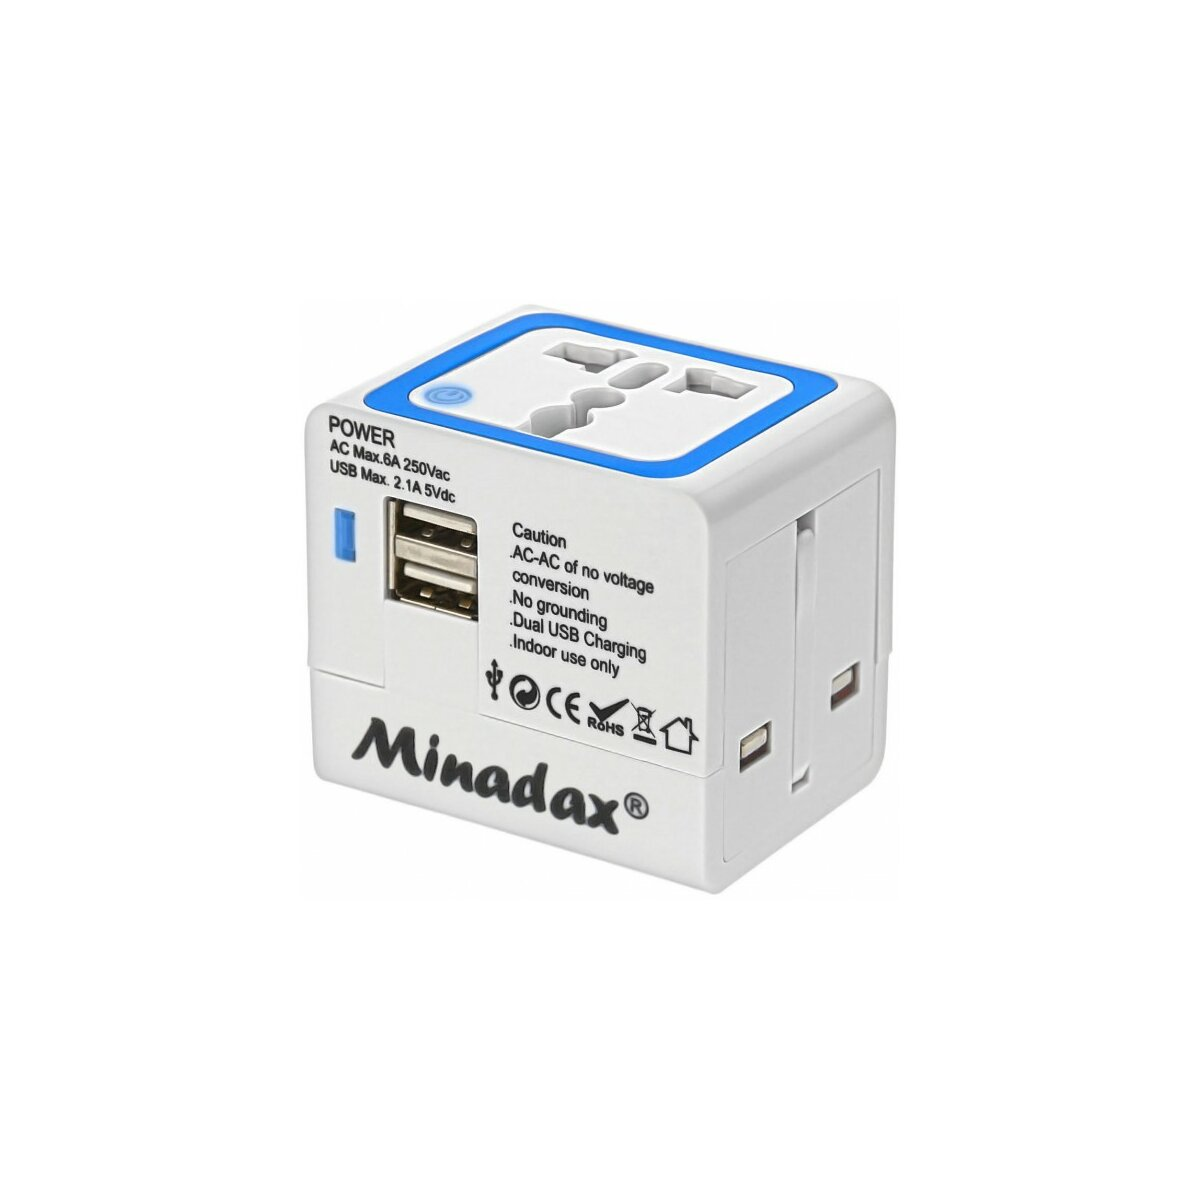 Minadax® Travel Adapter 2x USB 2.1A - SP-119